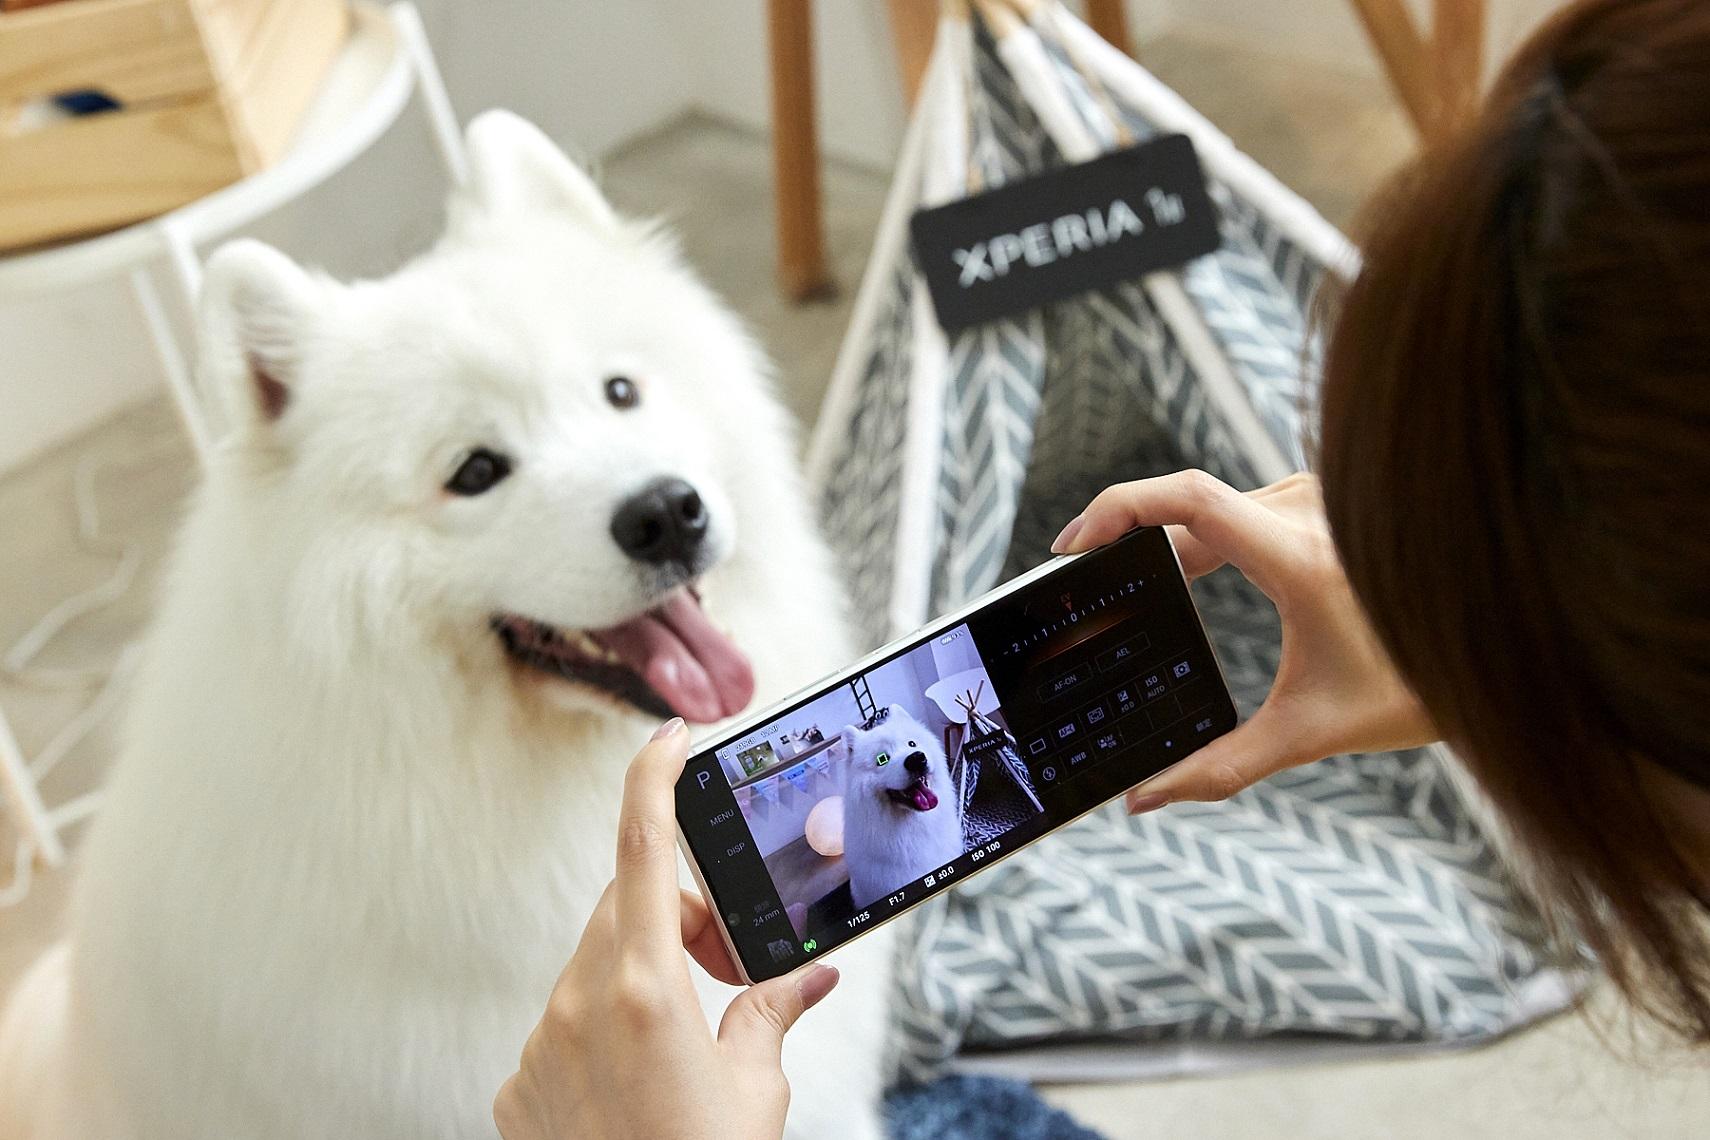 Xperia 1 II帶來動物眼即時眼部追蹤對焦功能,搭配高速連拍,輕鬆拍下寵物玩耍的瞬間,甚至連毛流都能清晰捕捉!(1)